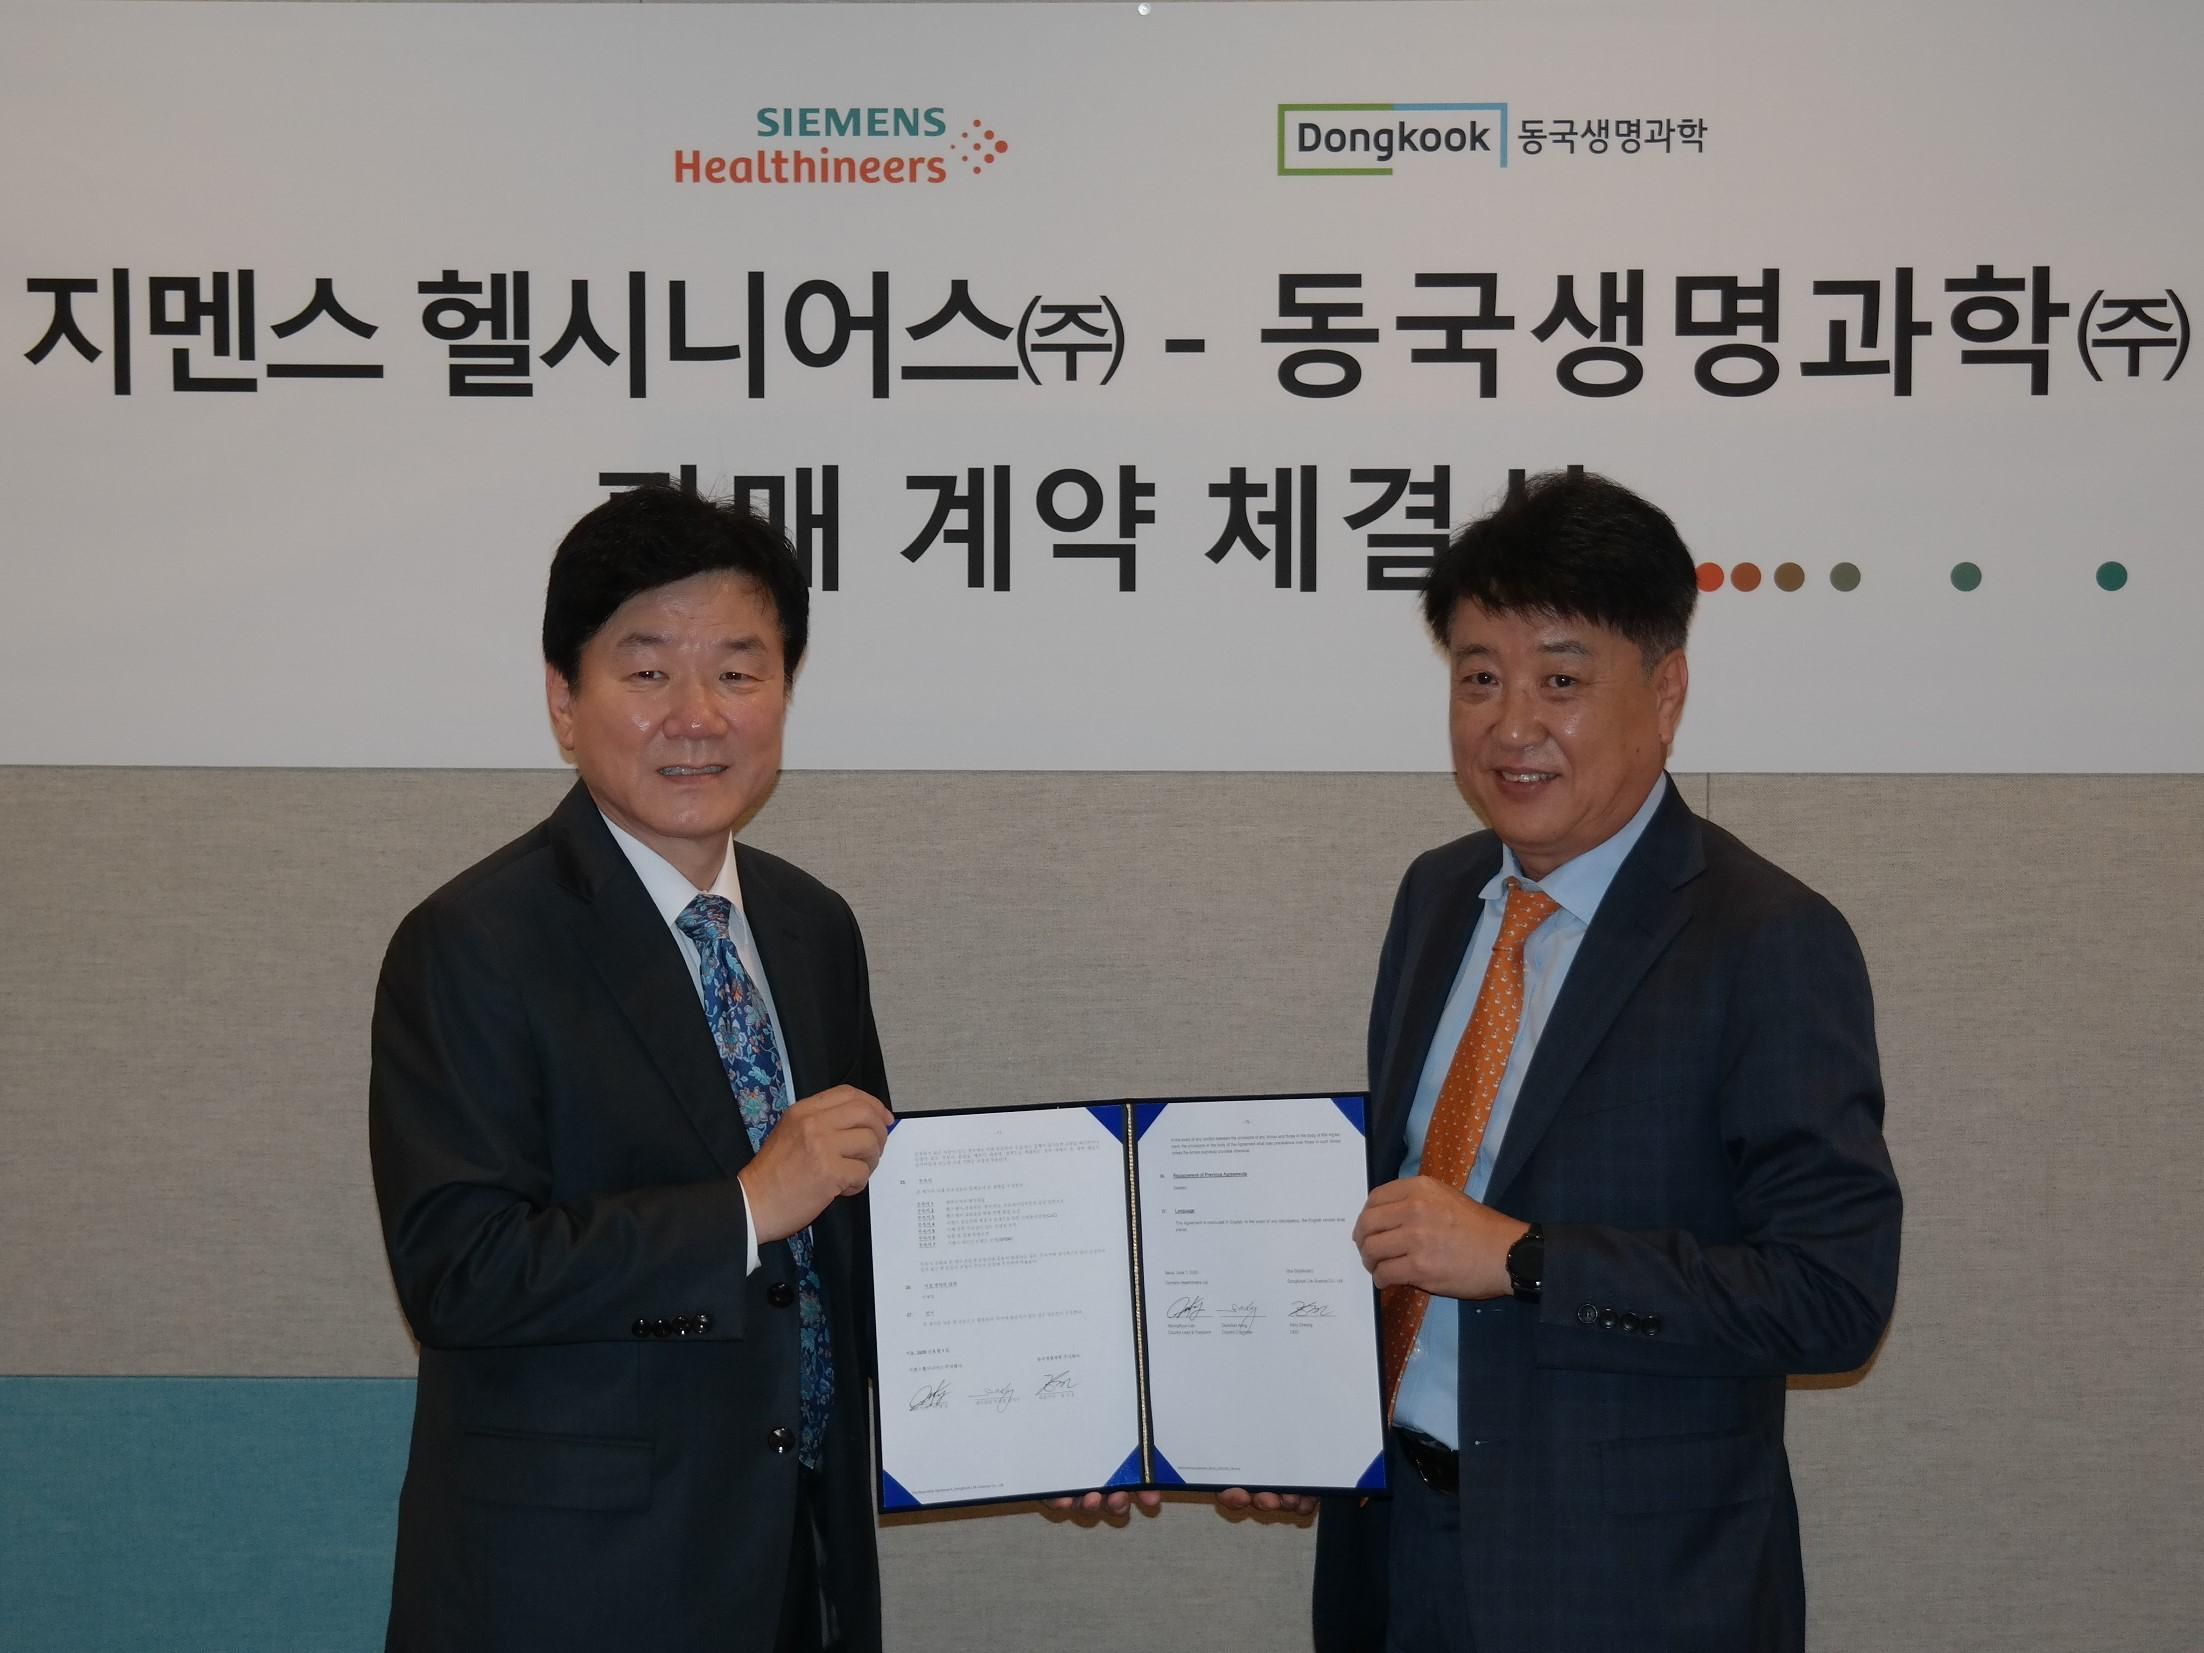 지멘스 헬시니어스-동국생명과학, 초음파 제품 국내 판매 계약 체결